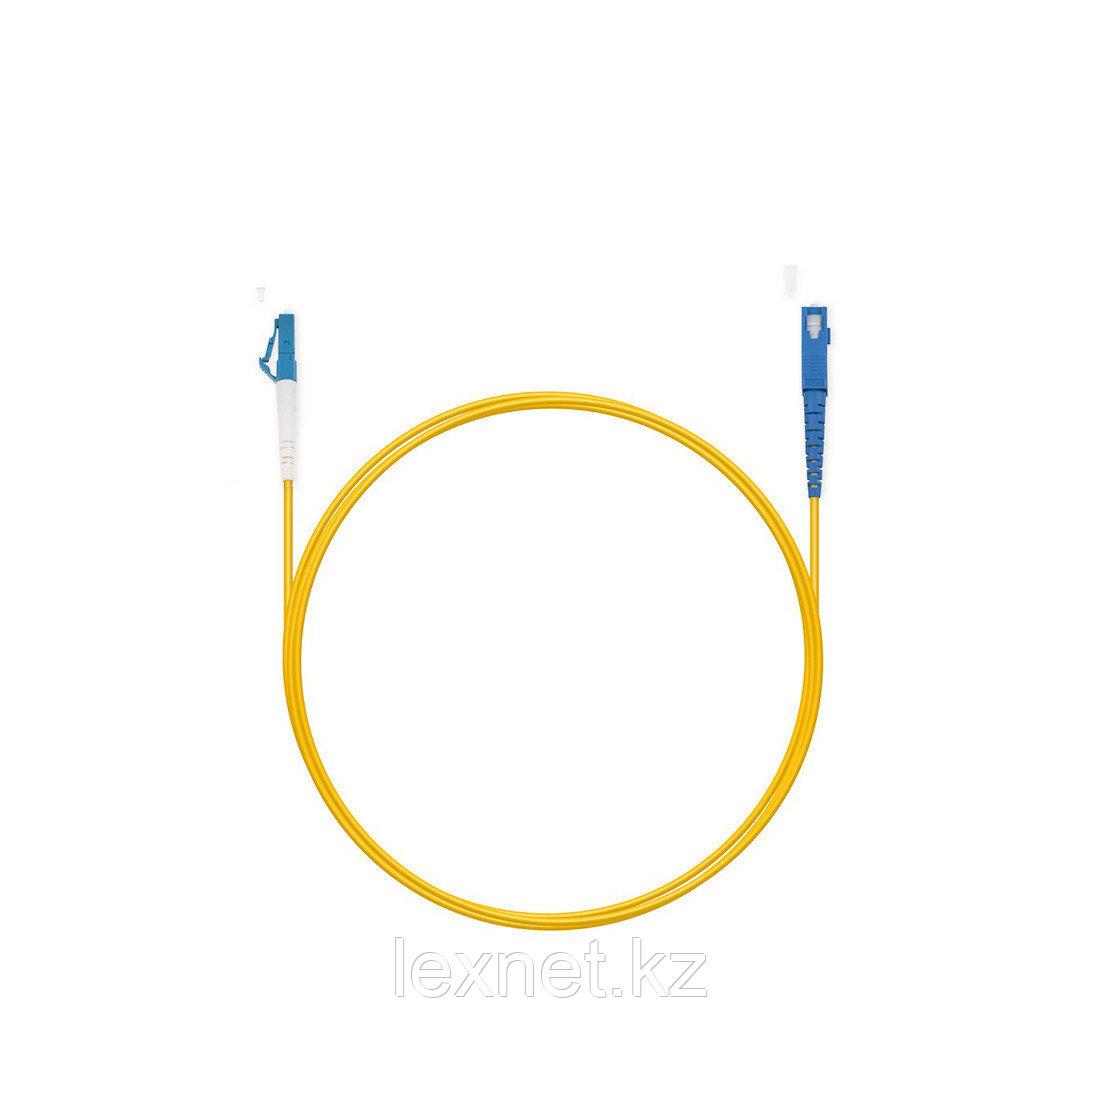 Патч Корд Оптоволоконный FC/APC-ST/UPC SM 9/125 Simplex 3.0мм 1 м